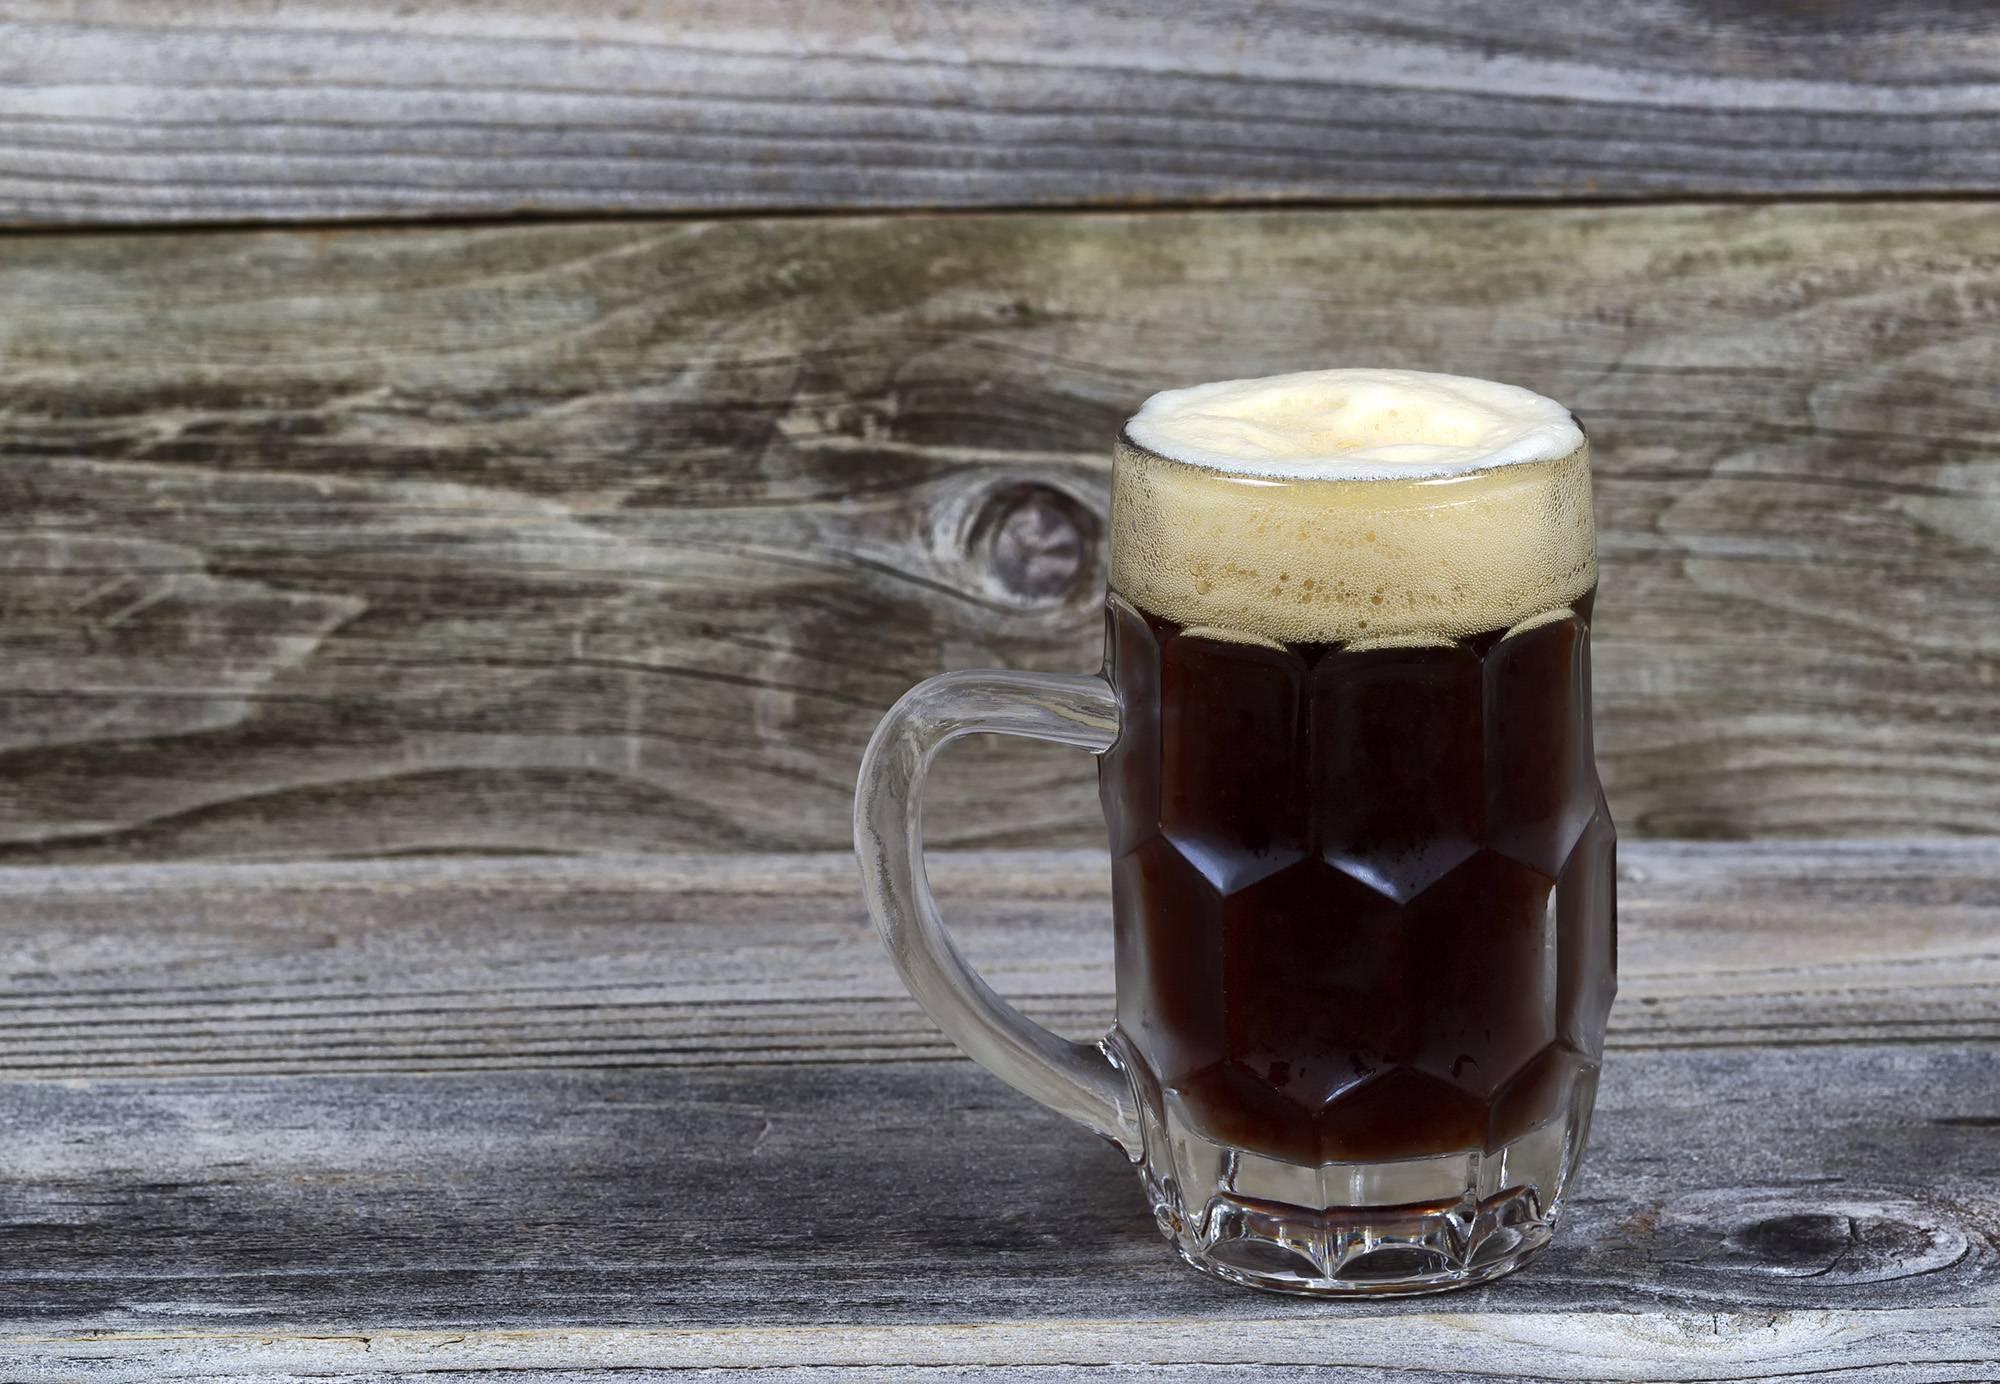 Польза и вред темного пива? : чем напиток хорош для мужчин и женщин в [2018], что этому способствует | suhoy.guru